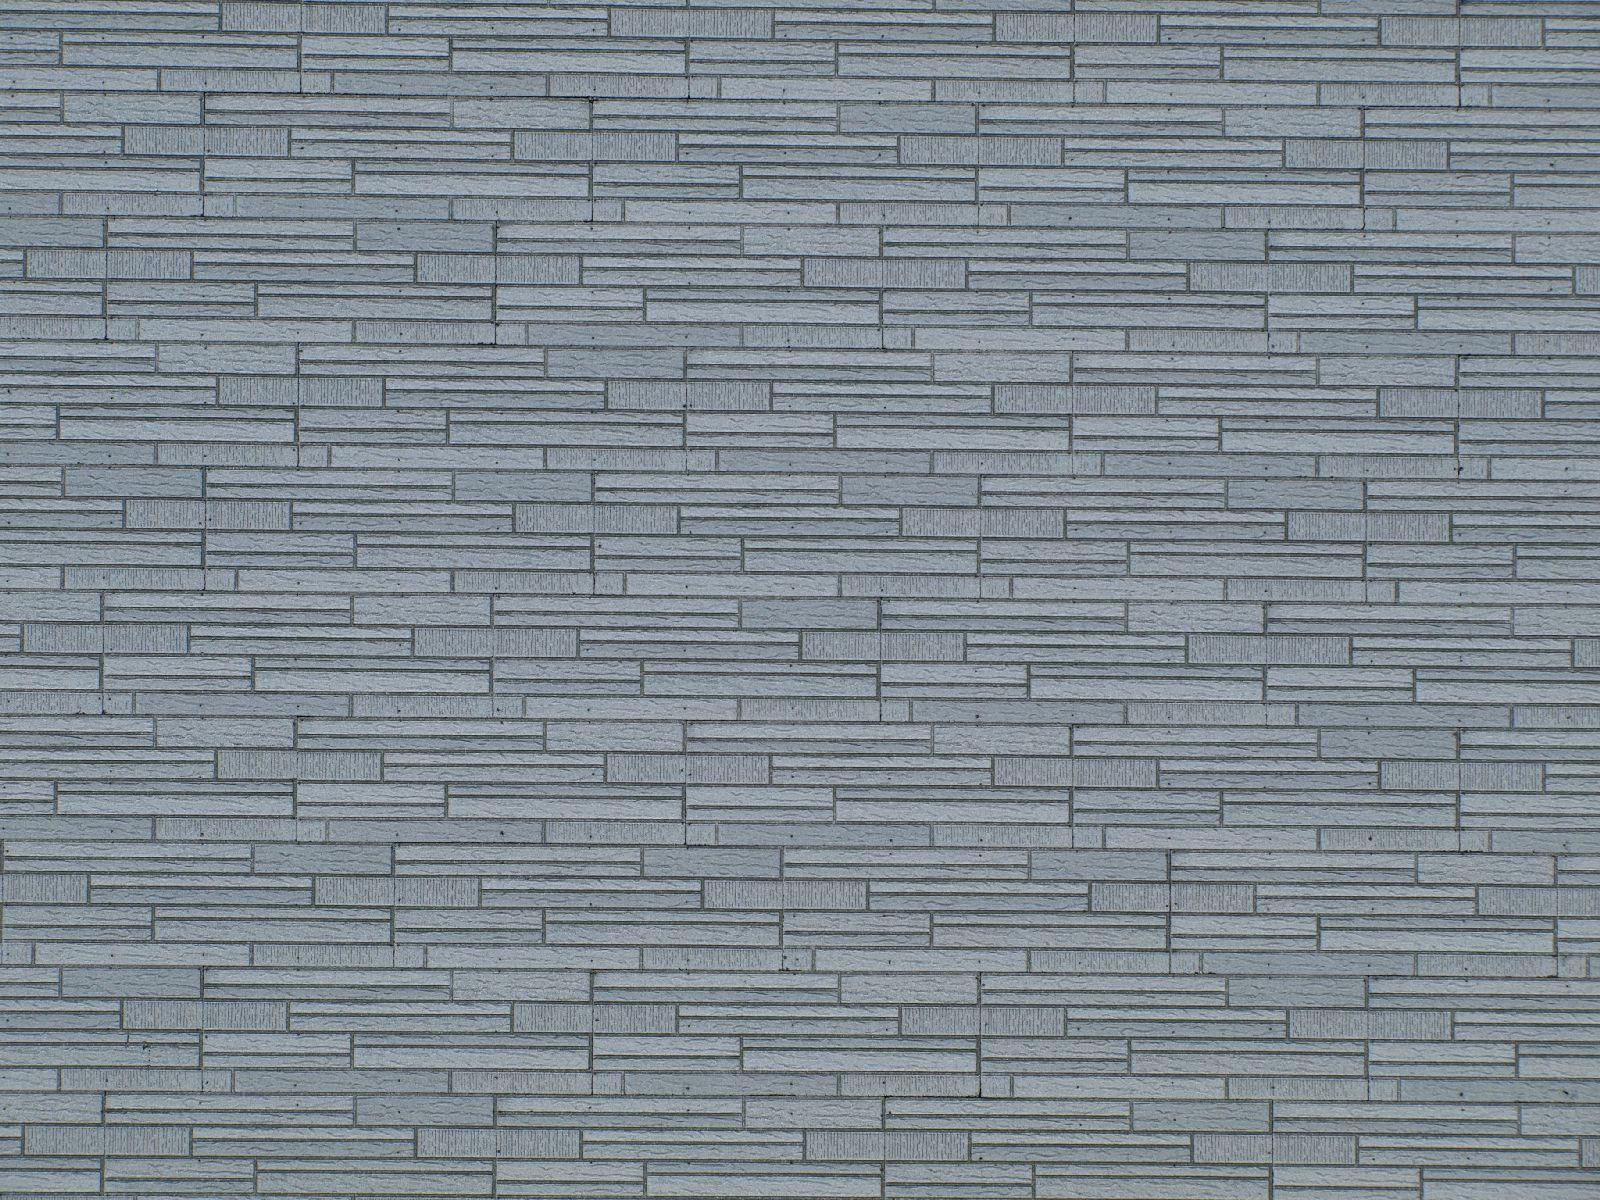 Brick_Texture_A_P6013225